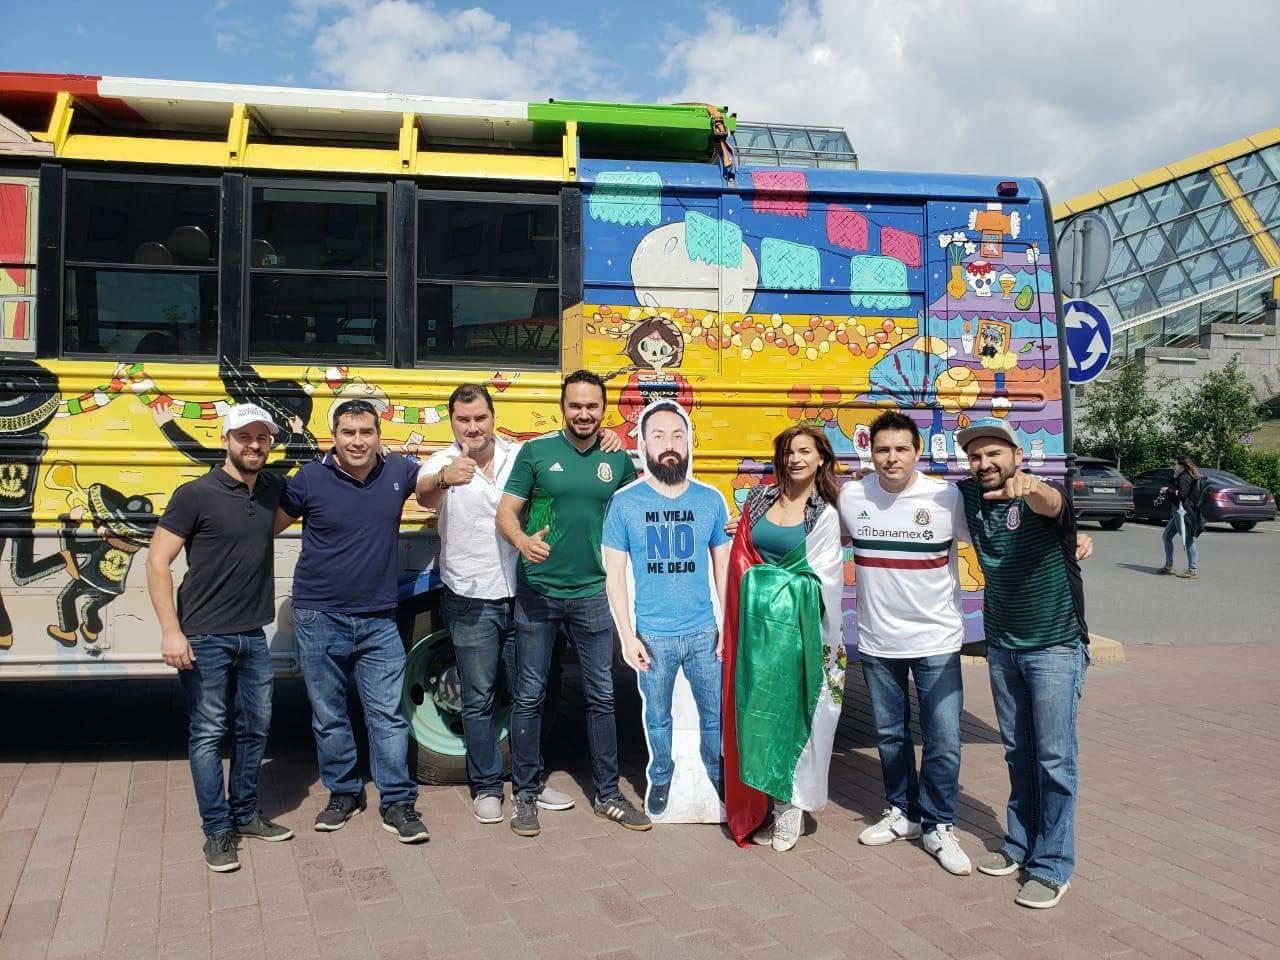 Mexicaan mag van vrouw niet naar WK vriendengroep verzint iets briljants 01